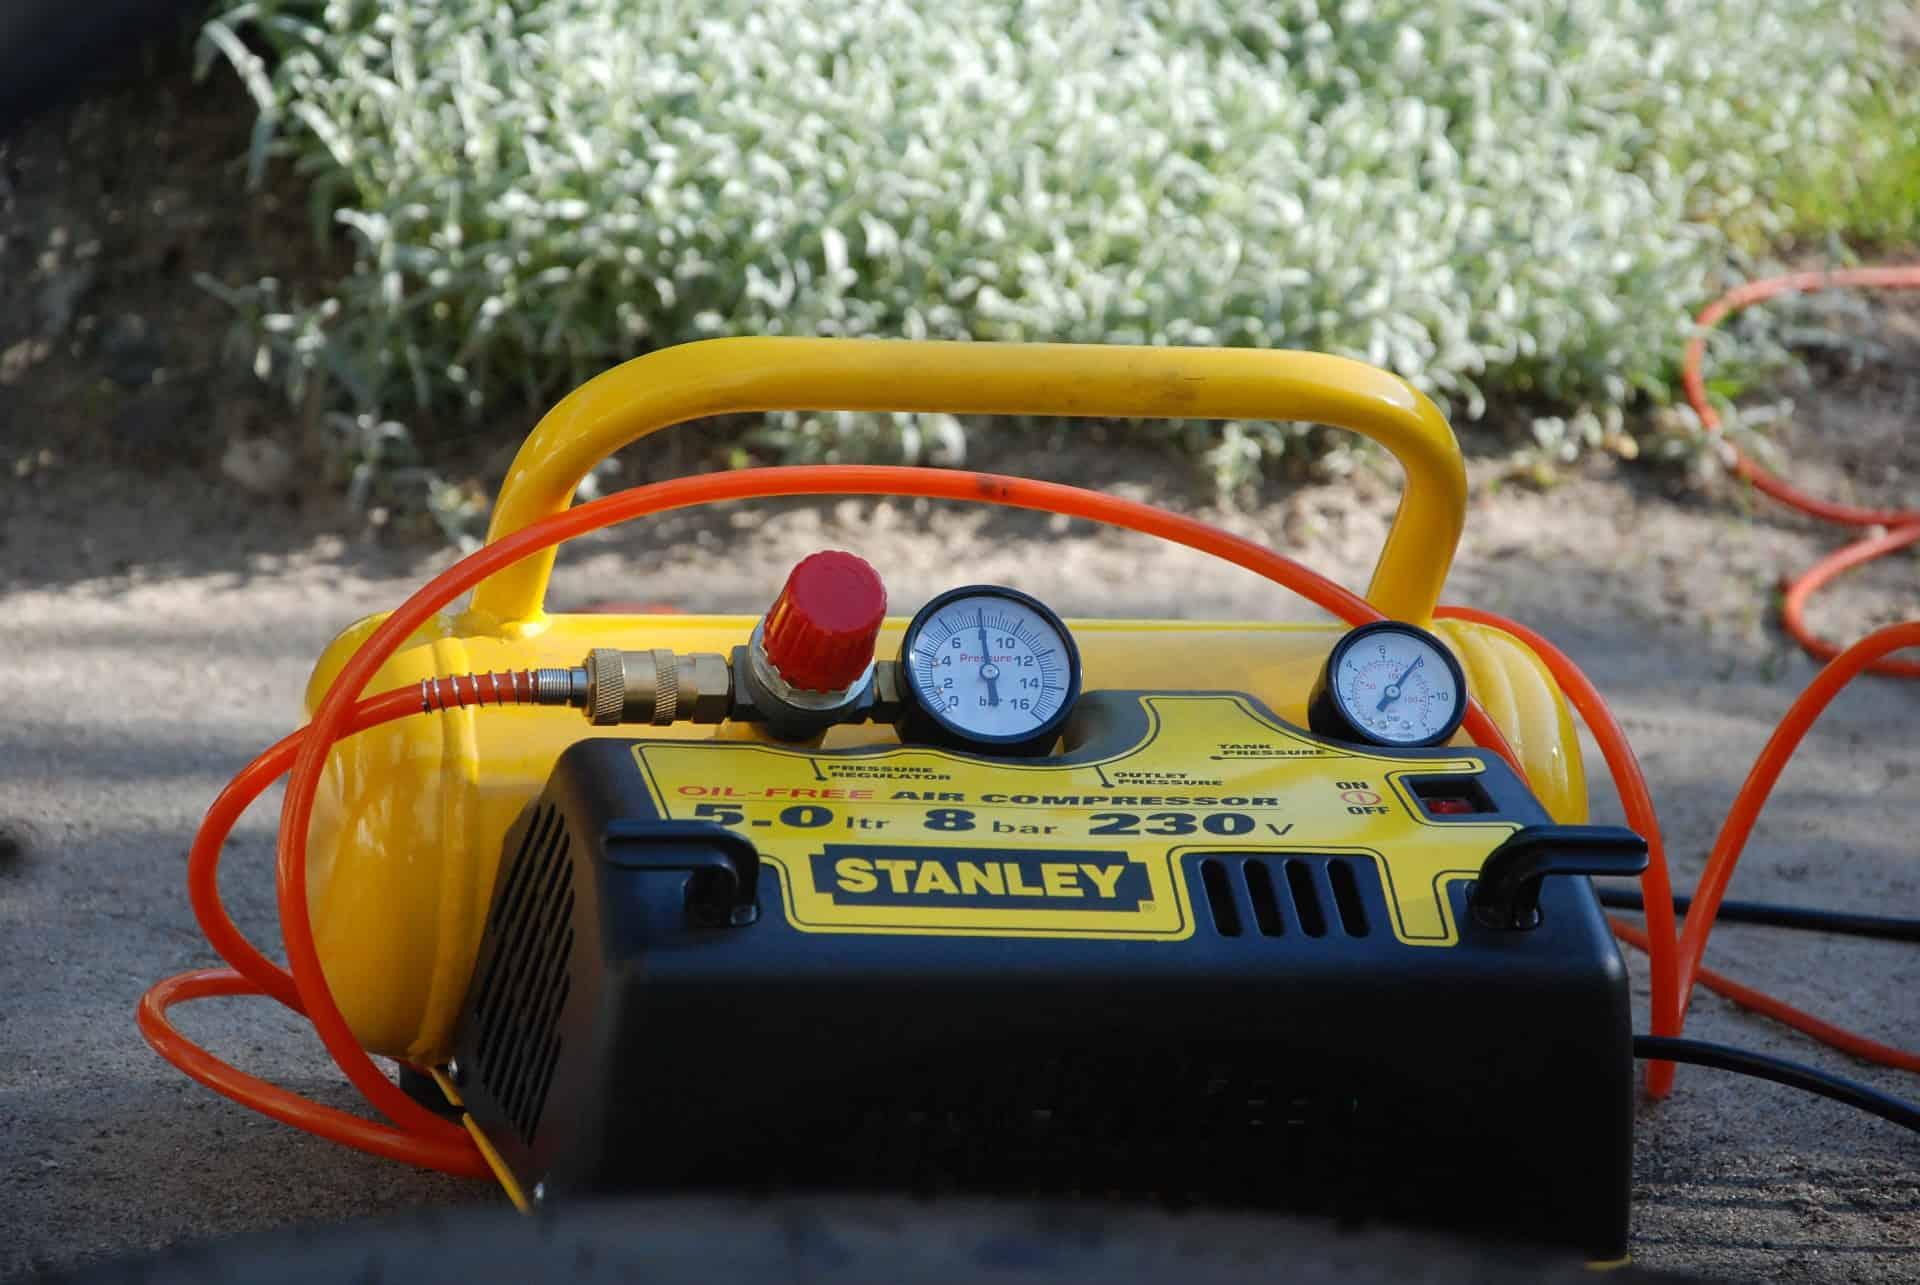 Compressor de ar amarelo.